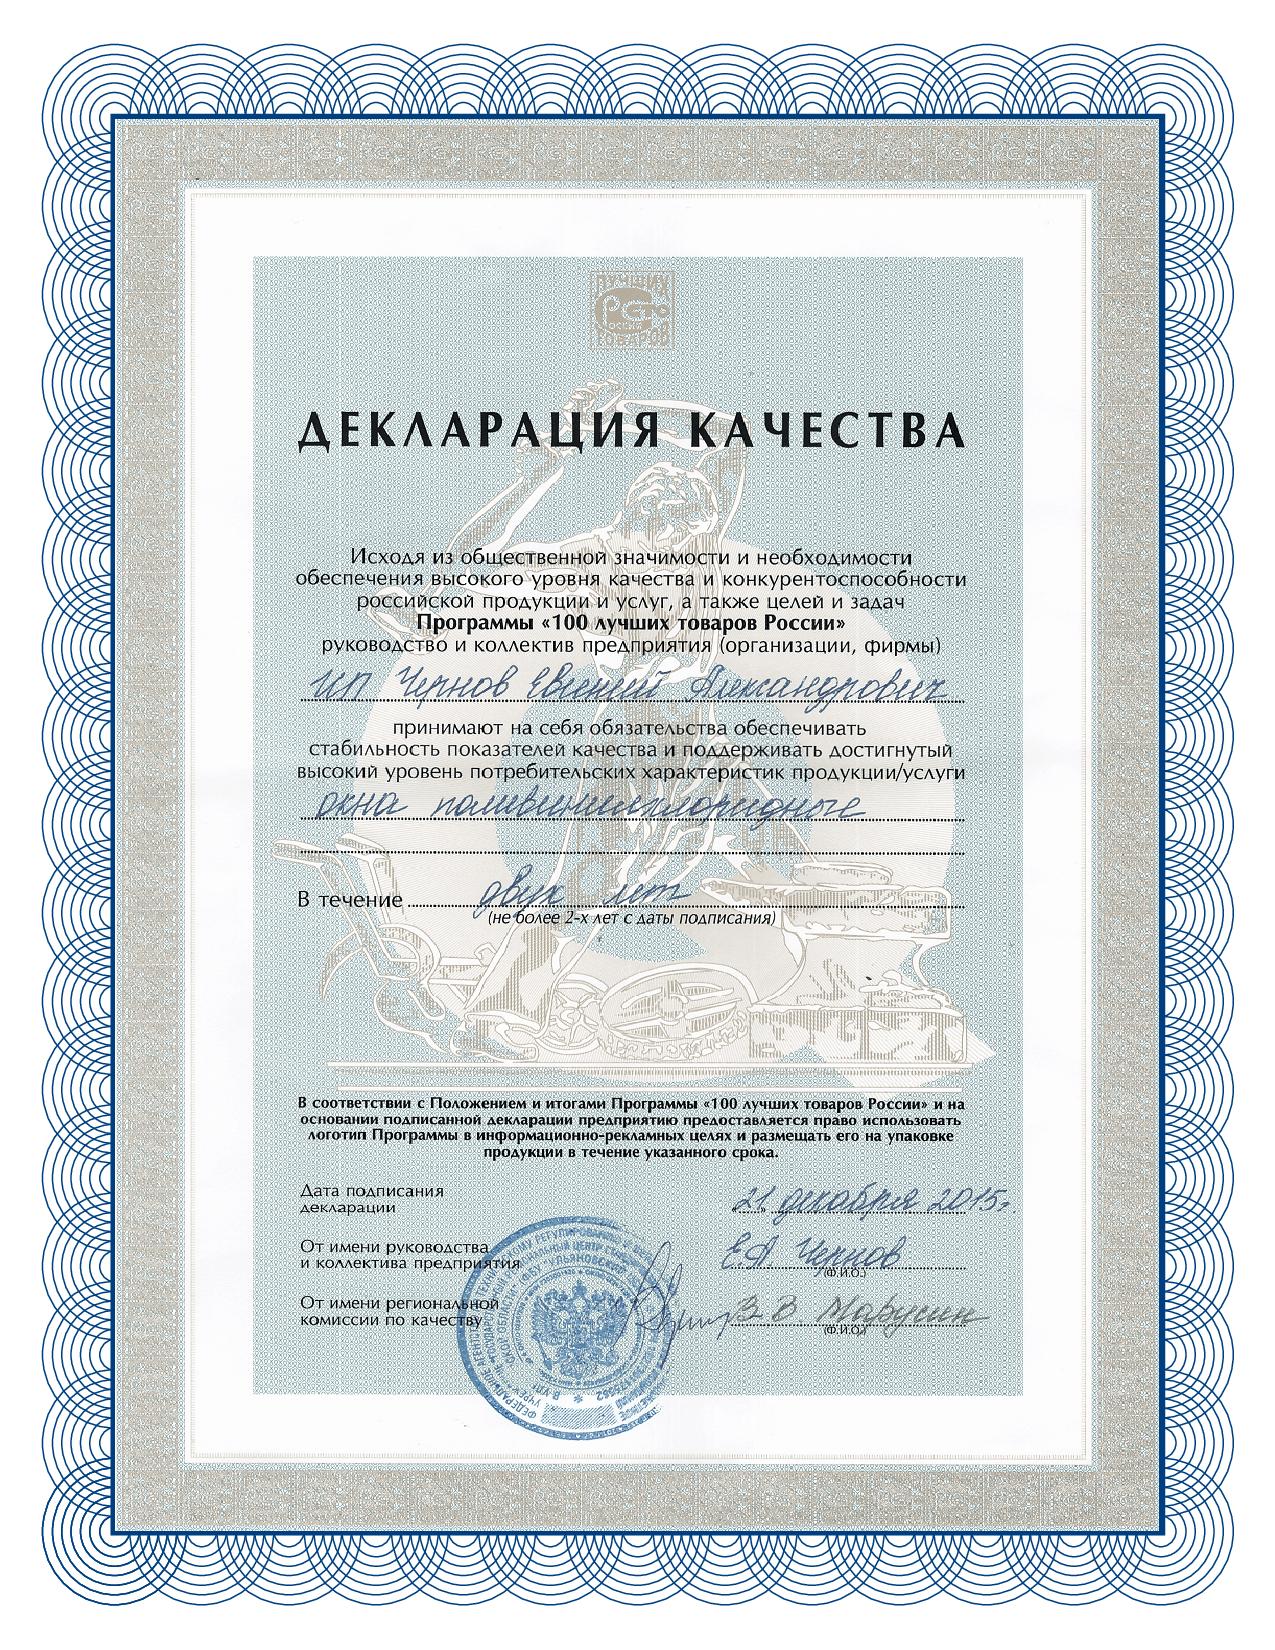 Декларация качества сто лучших товаров России